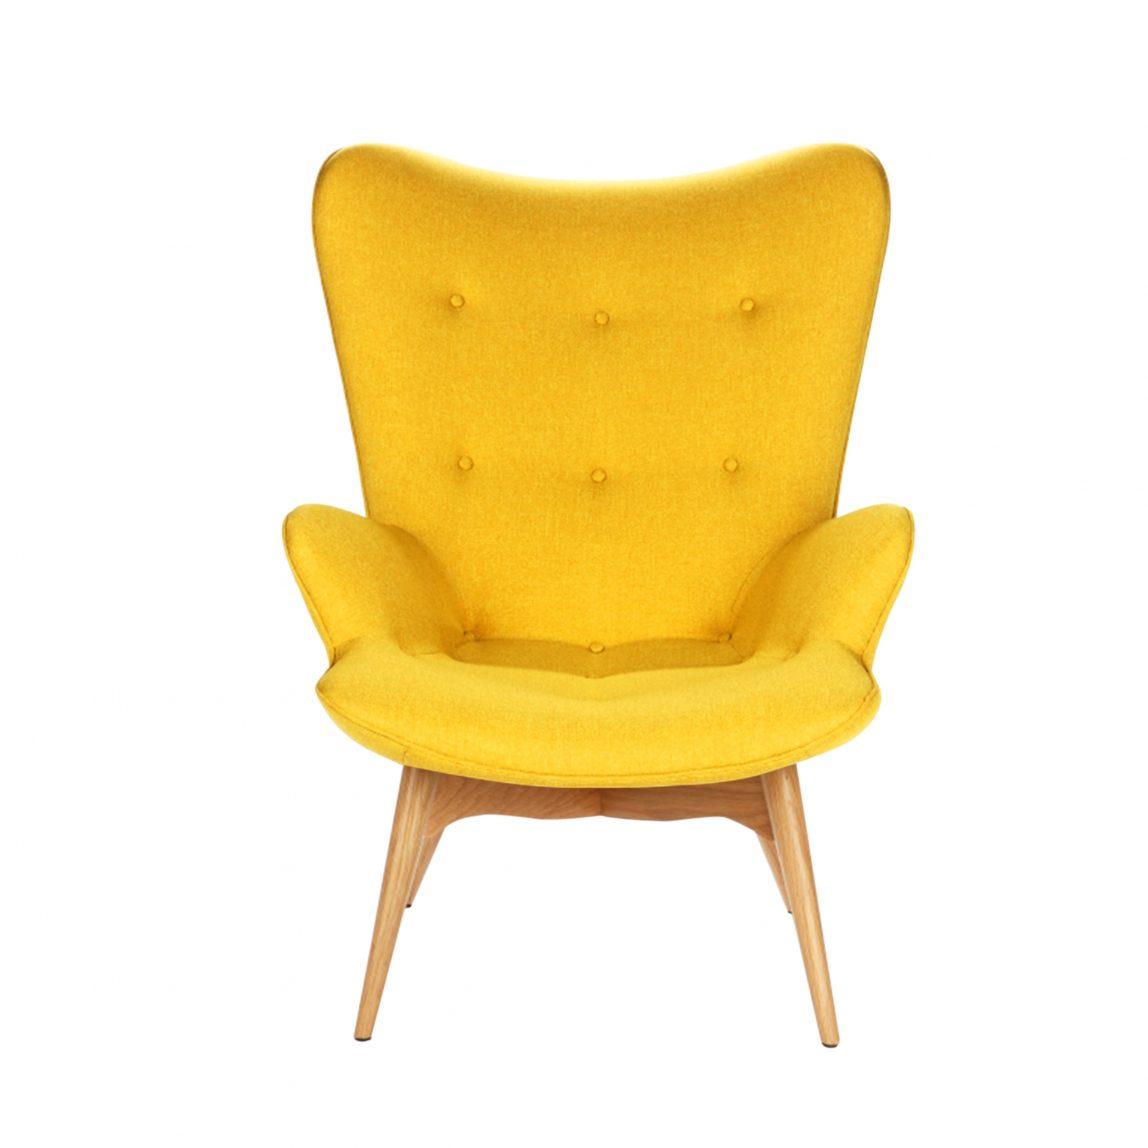 Дизайнерское кресло Contour желтое для отдыха, интерьерное скандинавское Контур в гостиную, Грант Фезерстоун